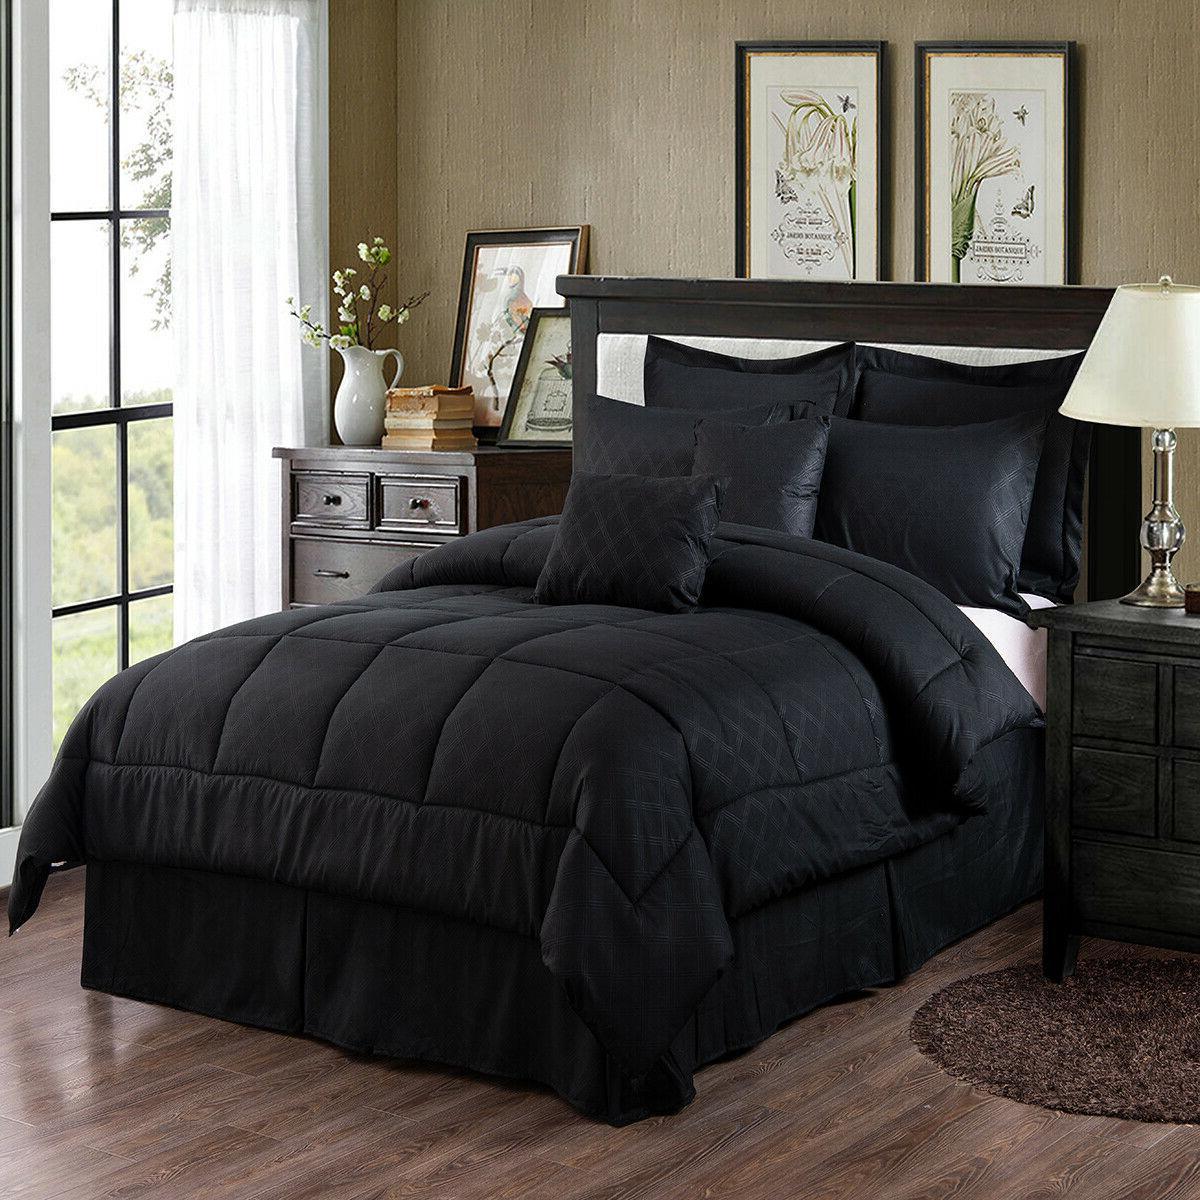 10 piece comforter set reversible bedding bed